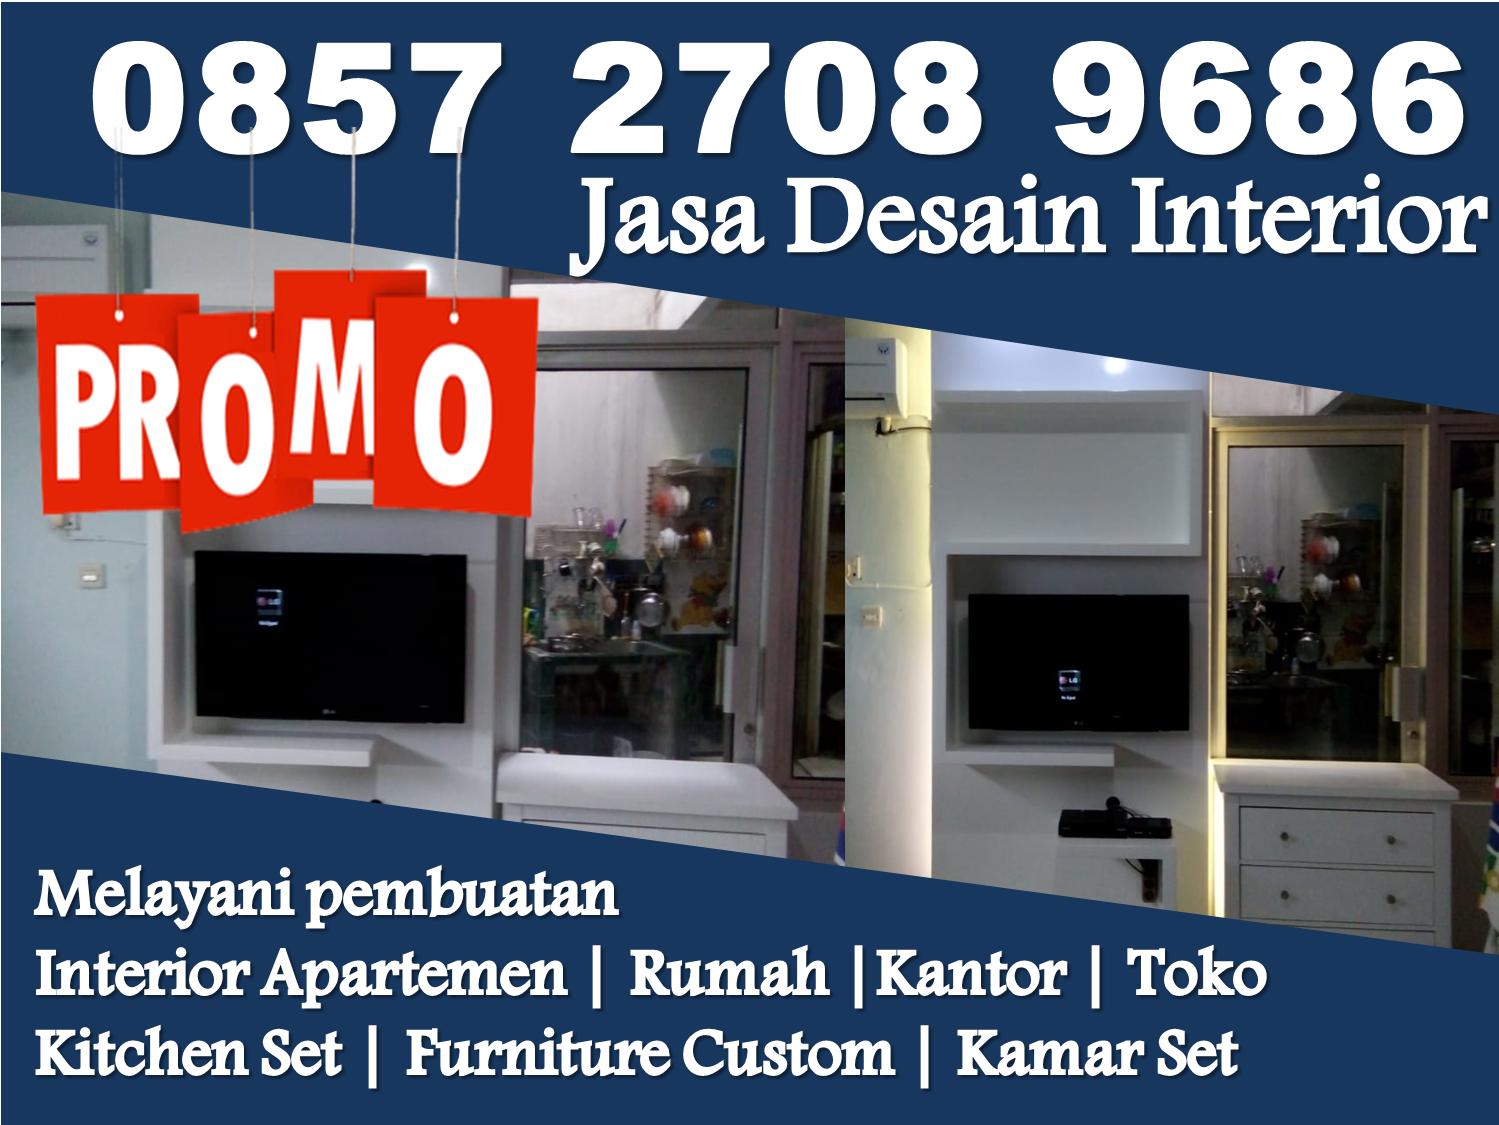 Biaya renovasi interior apartemen desain minimalis modern dapur mungil jasa murah also rh br pinterest